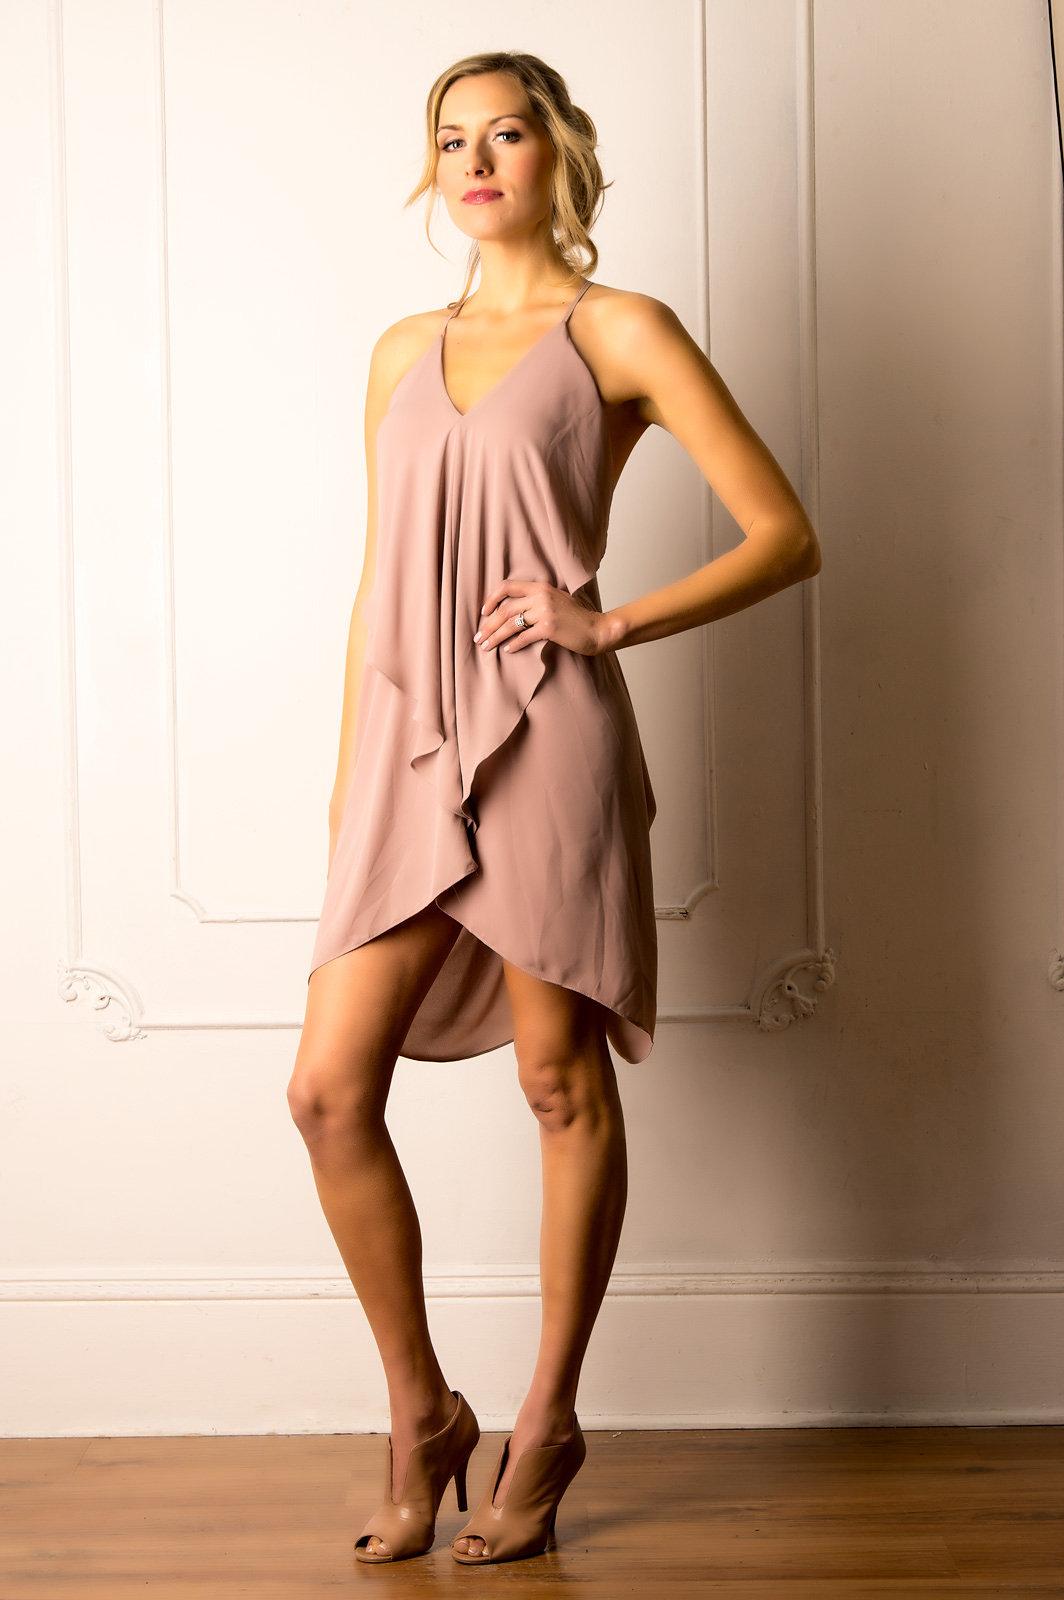 Andrea City Models